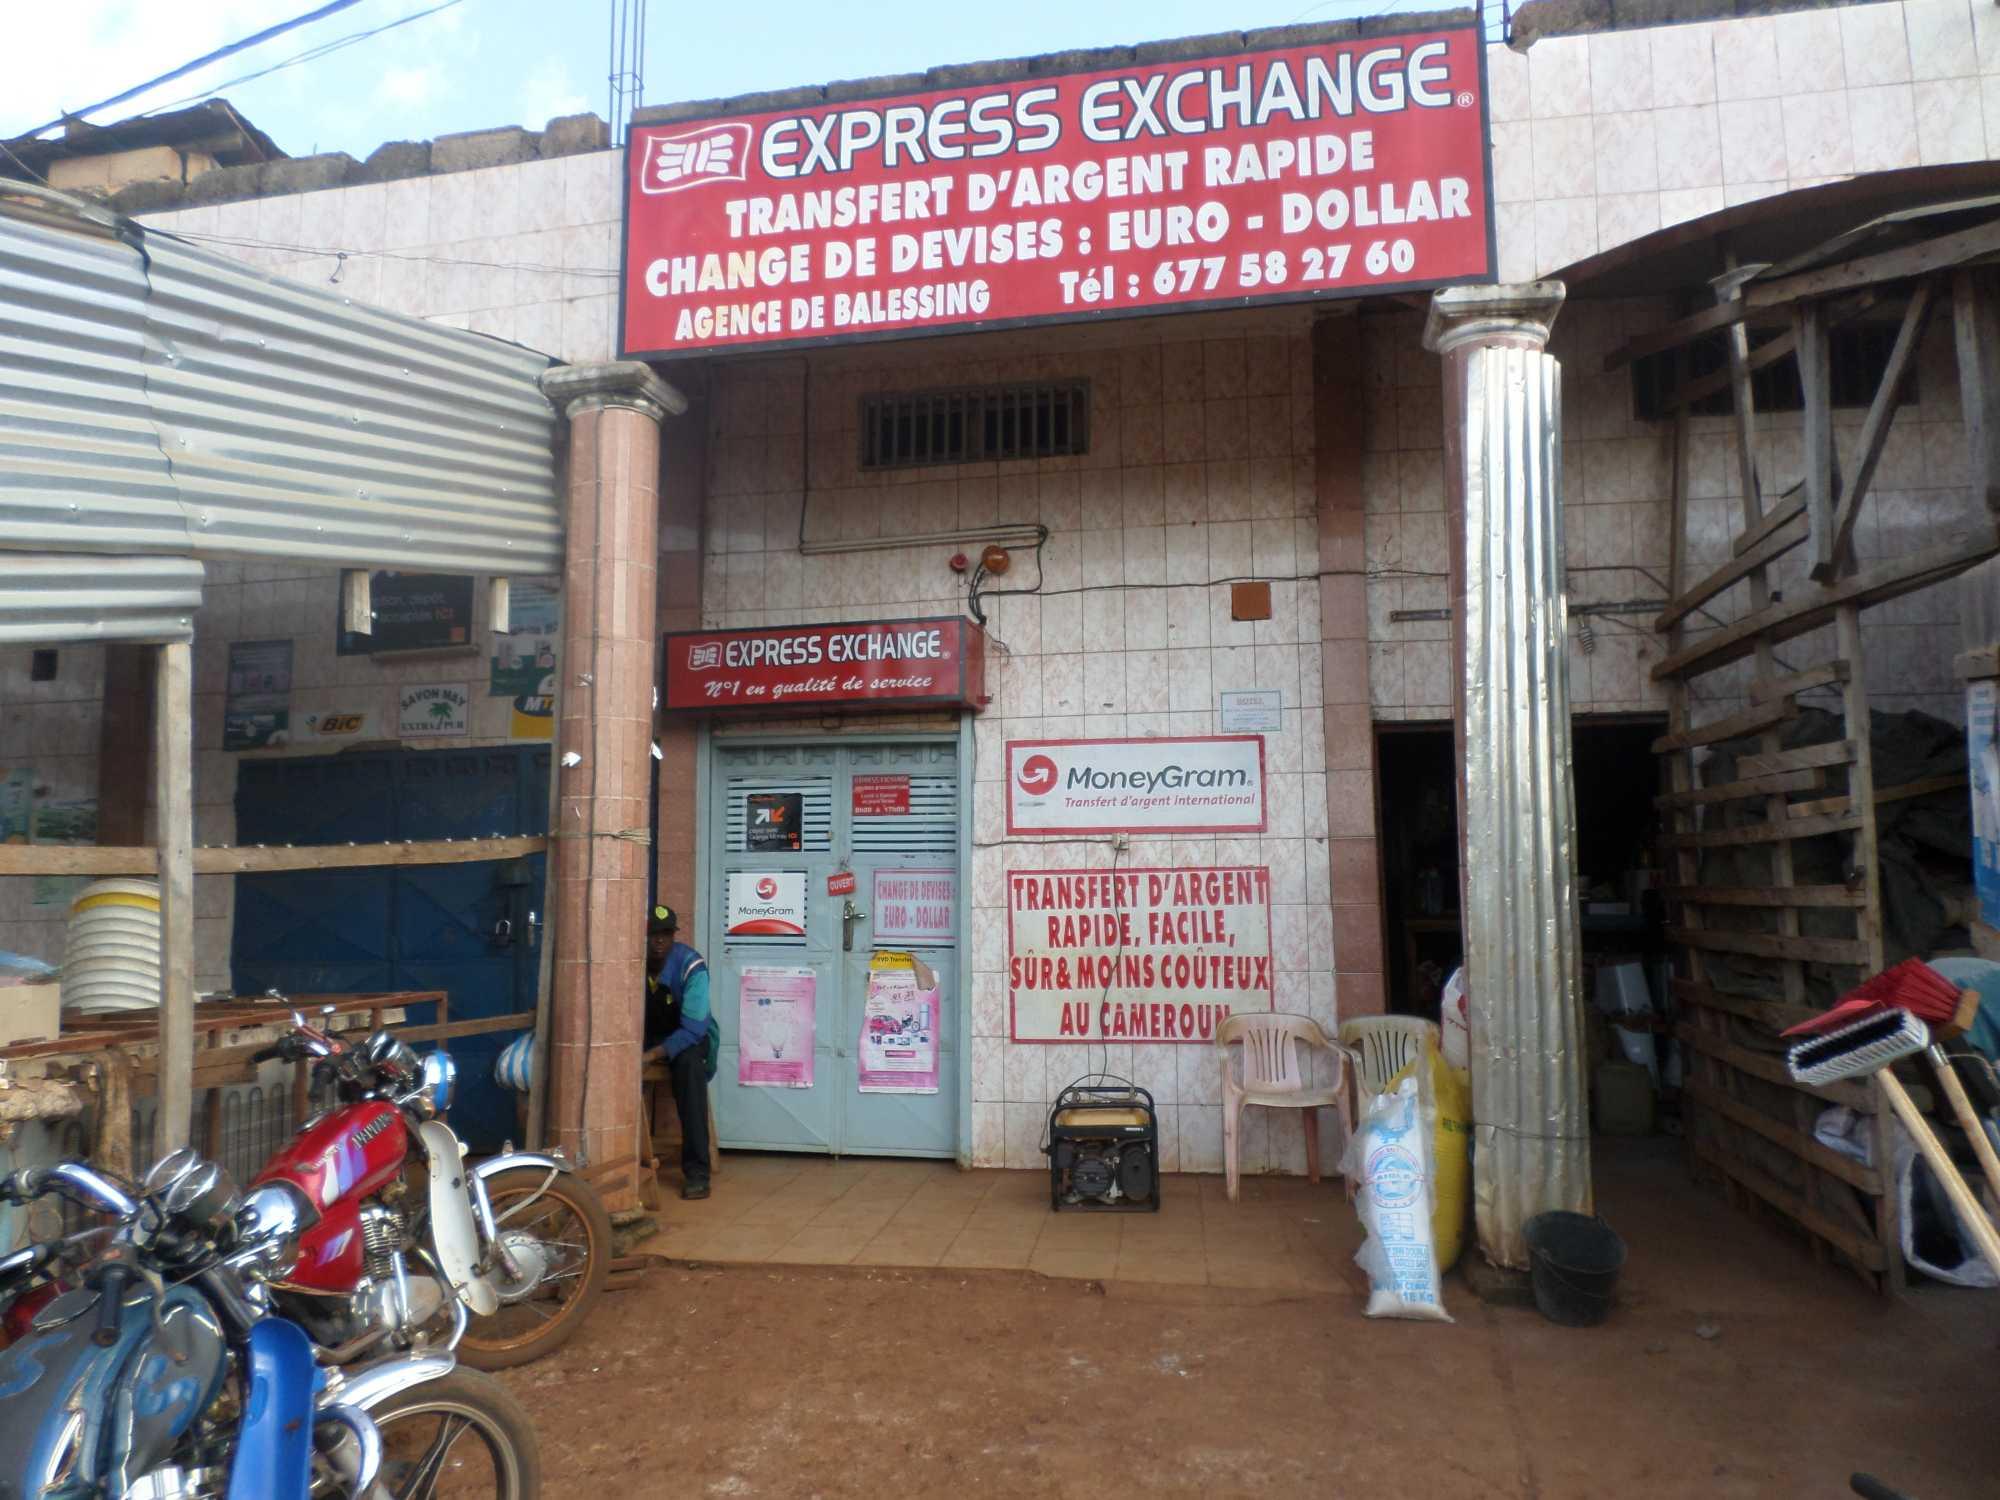 Ladenfront mit Moneygram-Schild und diversen französischen Aufschriften